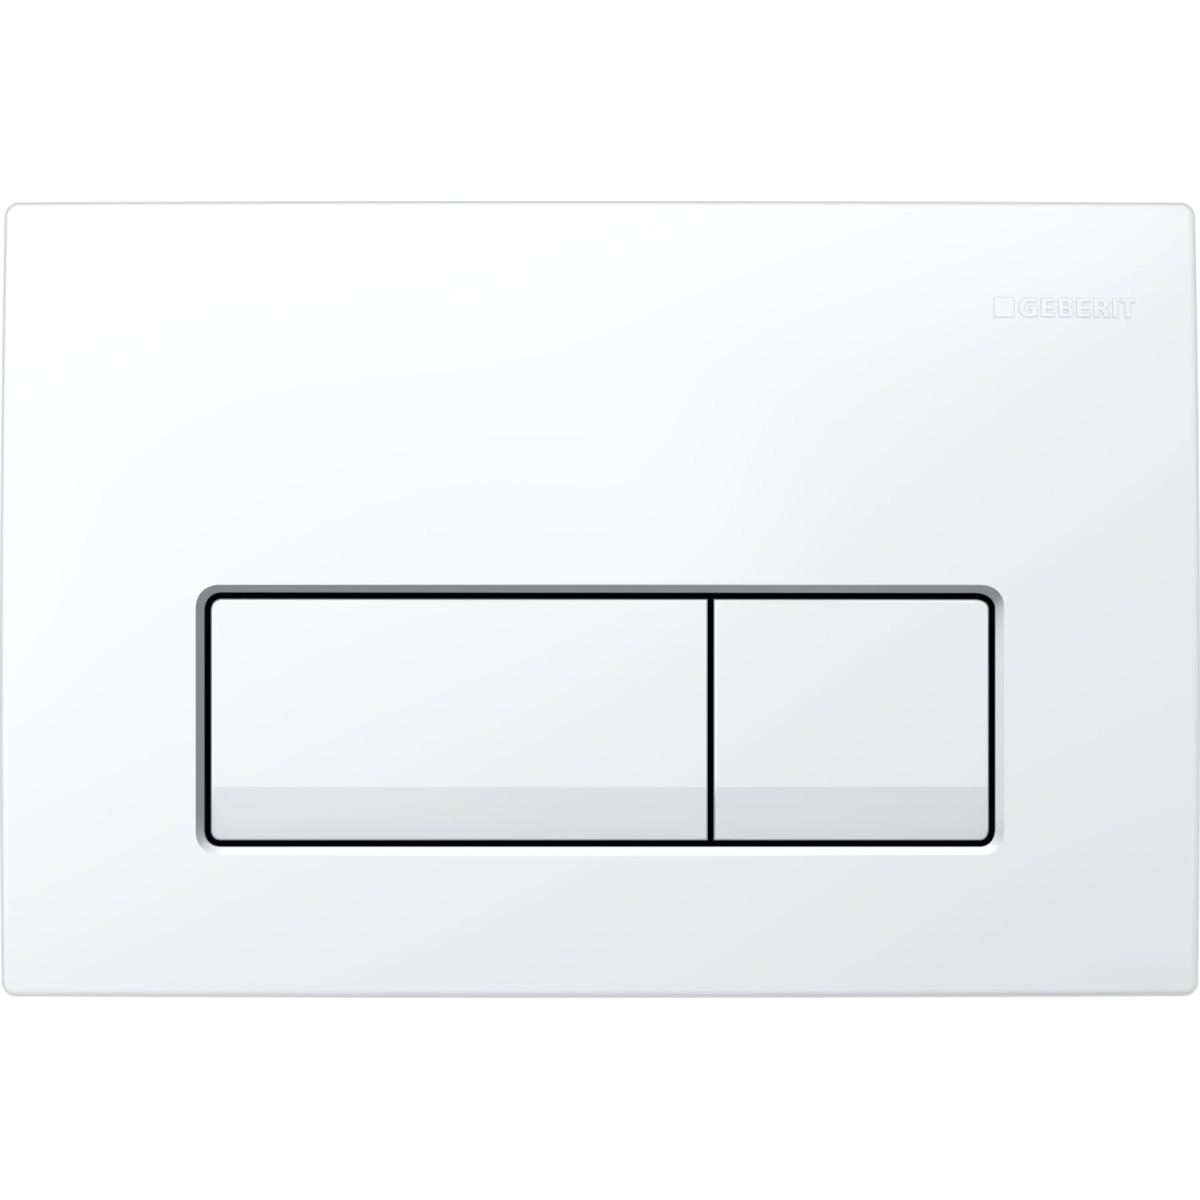 Панель смыва для нисталляции Geberit Delta 51 115.105.11.1